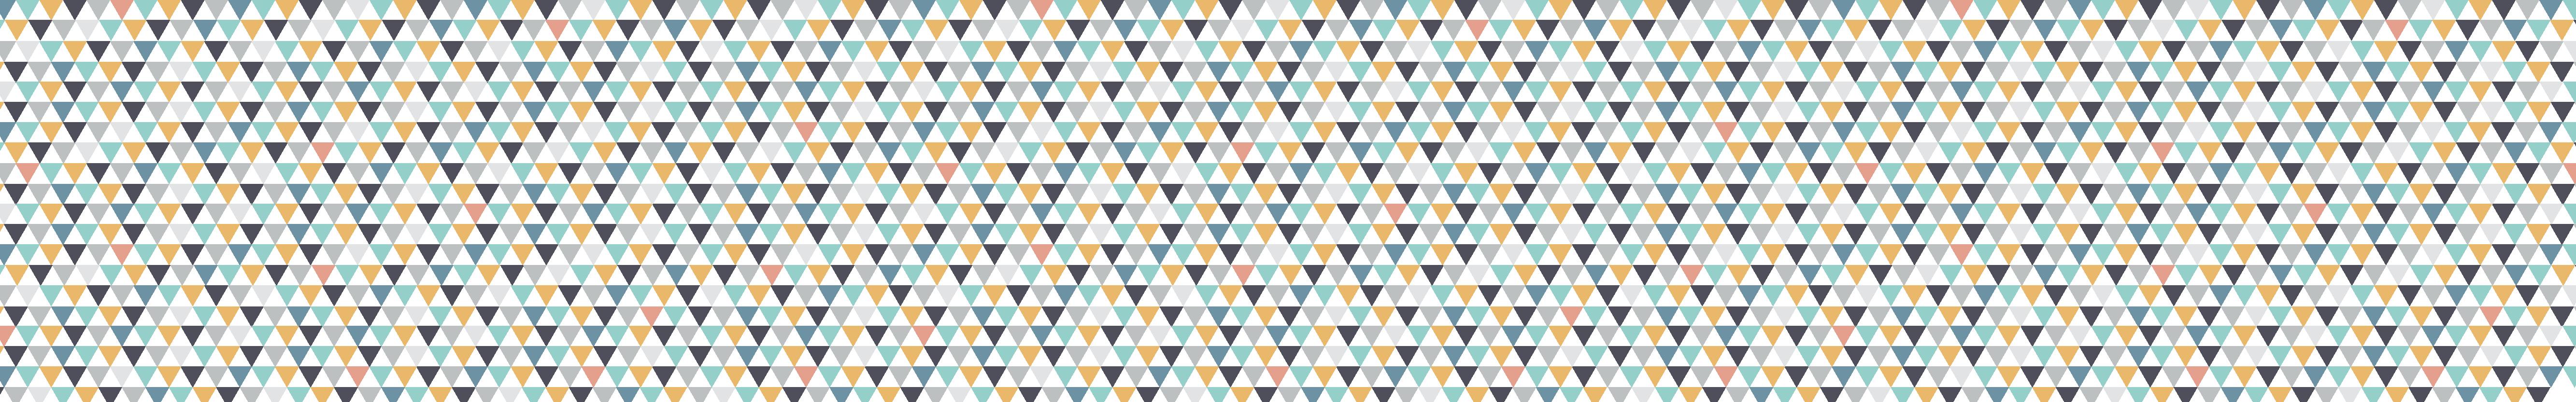 pattern motif faire-part naissance scandinave